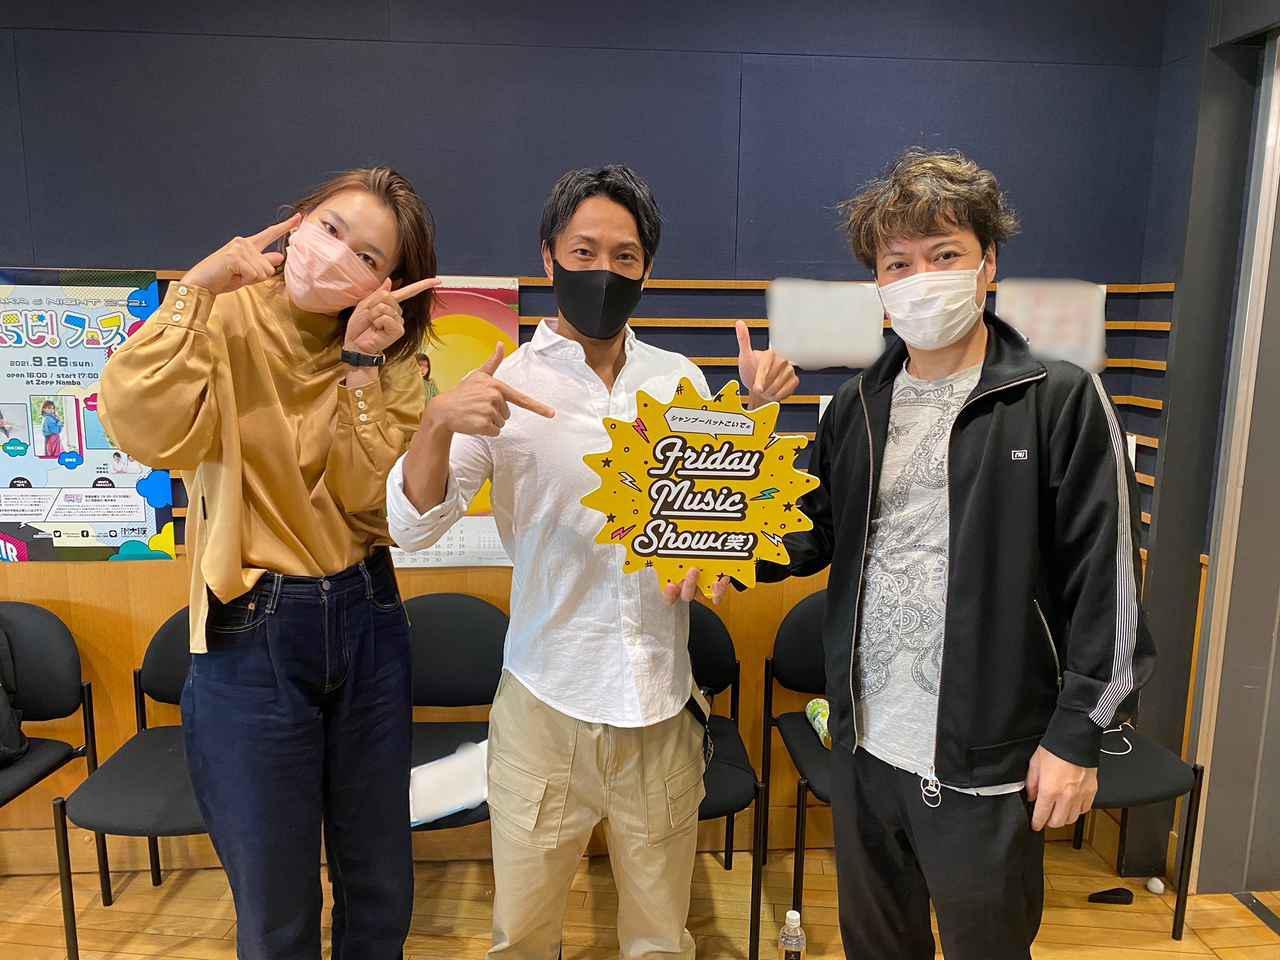 画像: 9月24日(金)シャンプーハットこいでのFriday Music Show(笑)